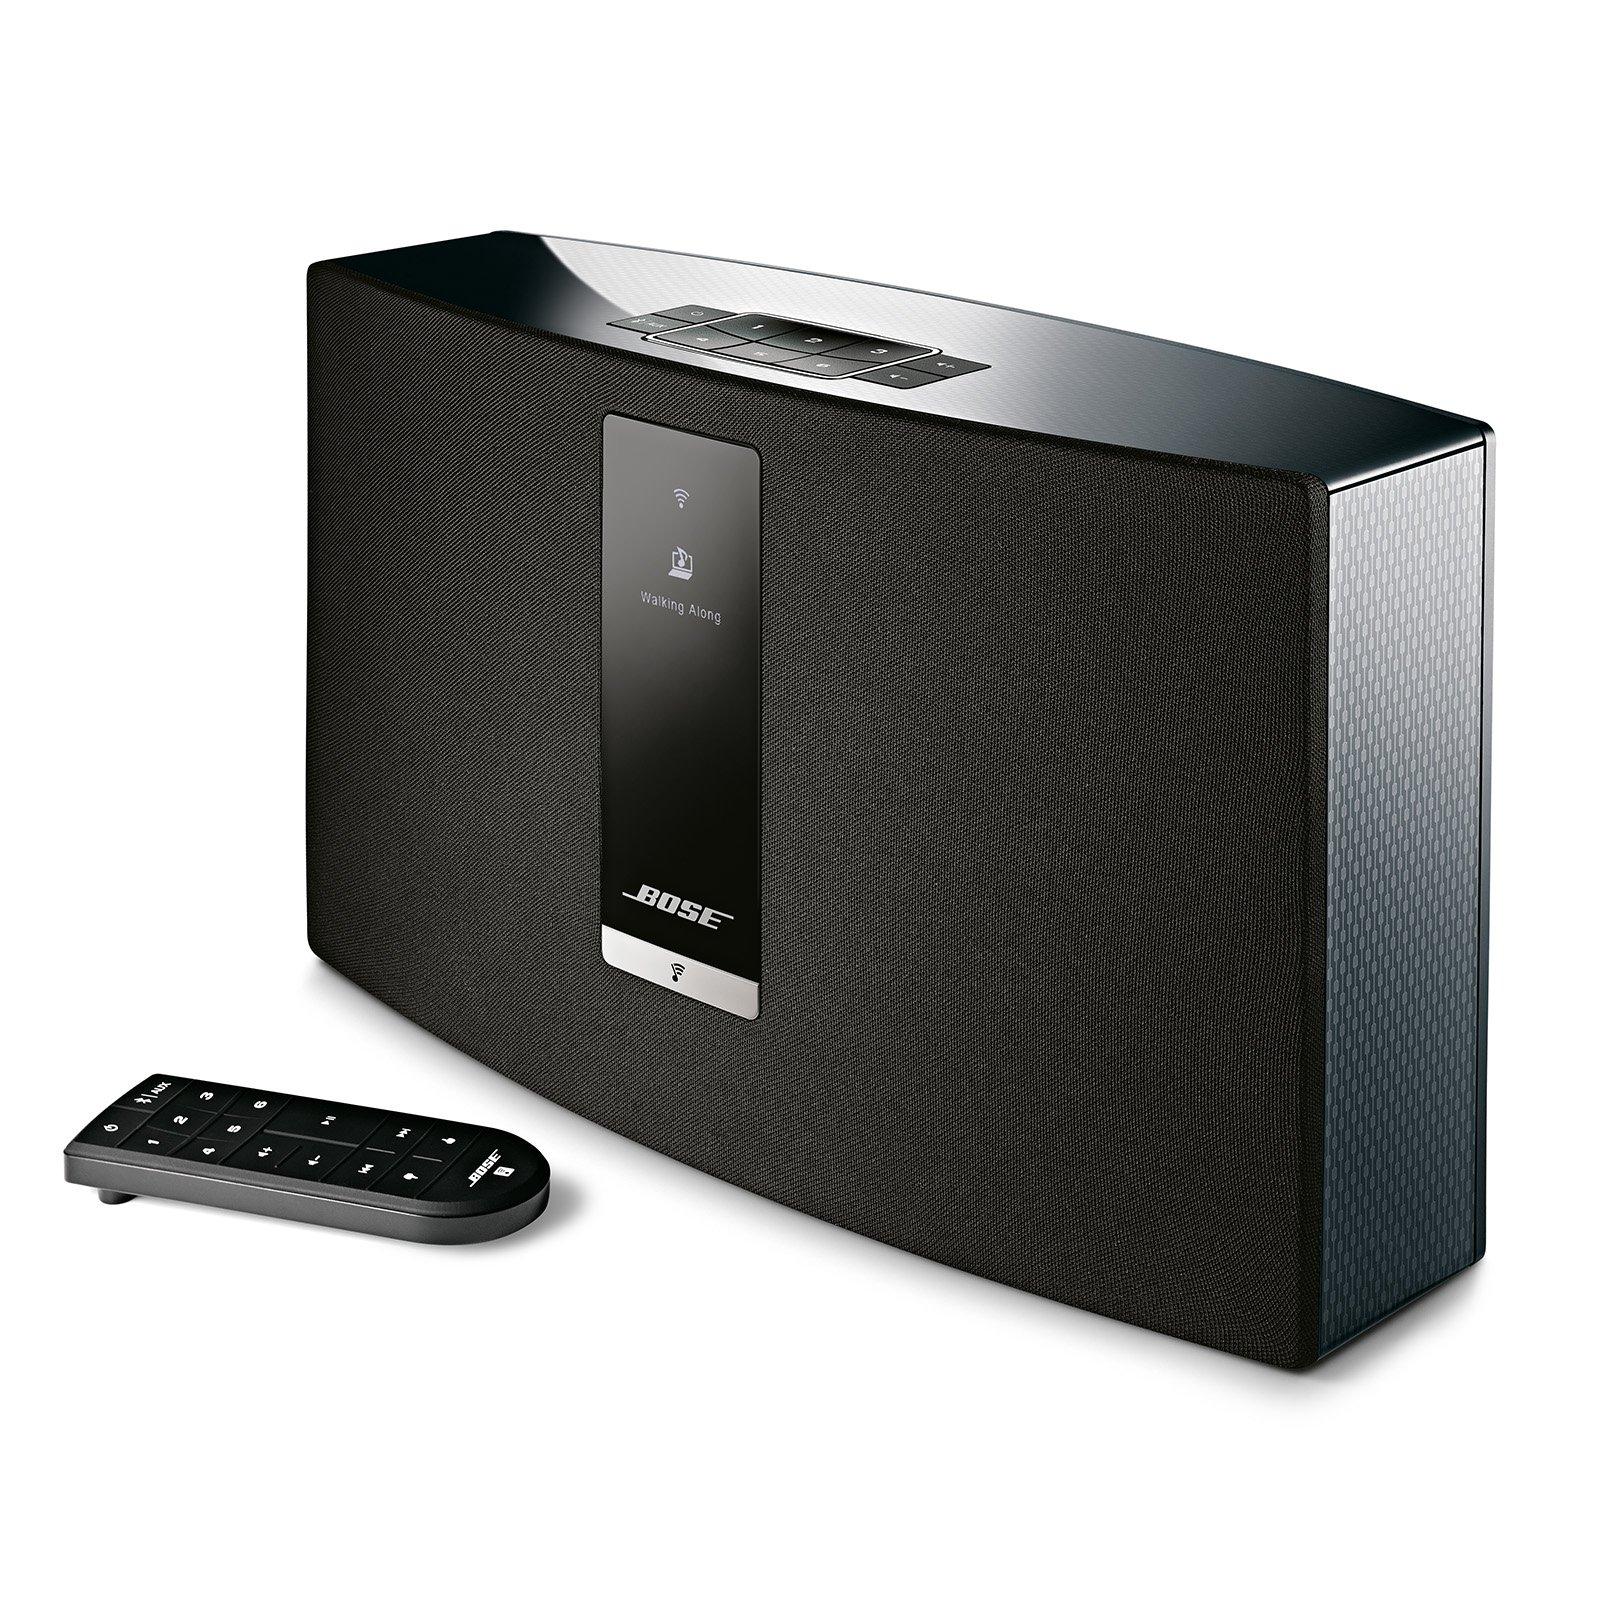 보스 사운드터치 20 블루투스 스피커 위드 알렉사 - 블랙, 화이트 Bose SoundTouch 20 wireless speaker, works with Alexa, Black